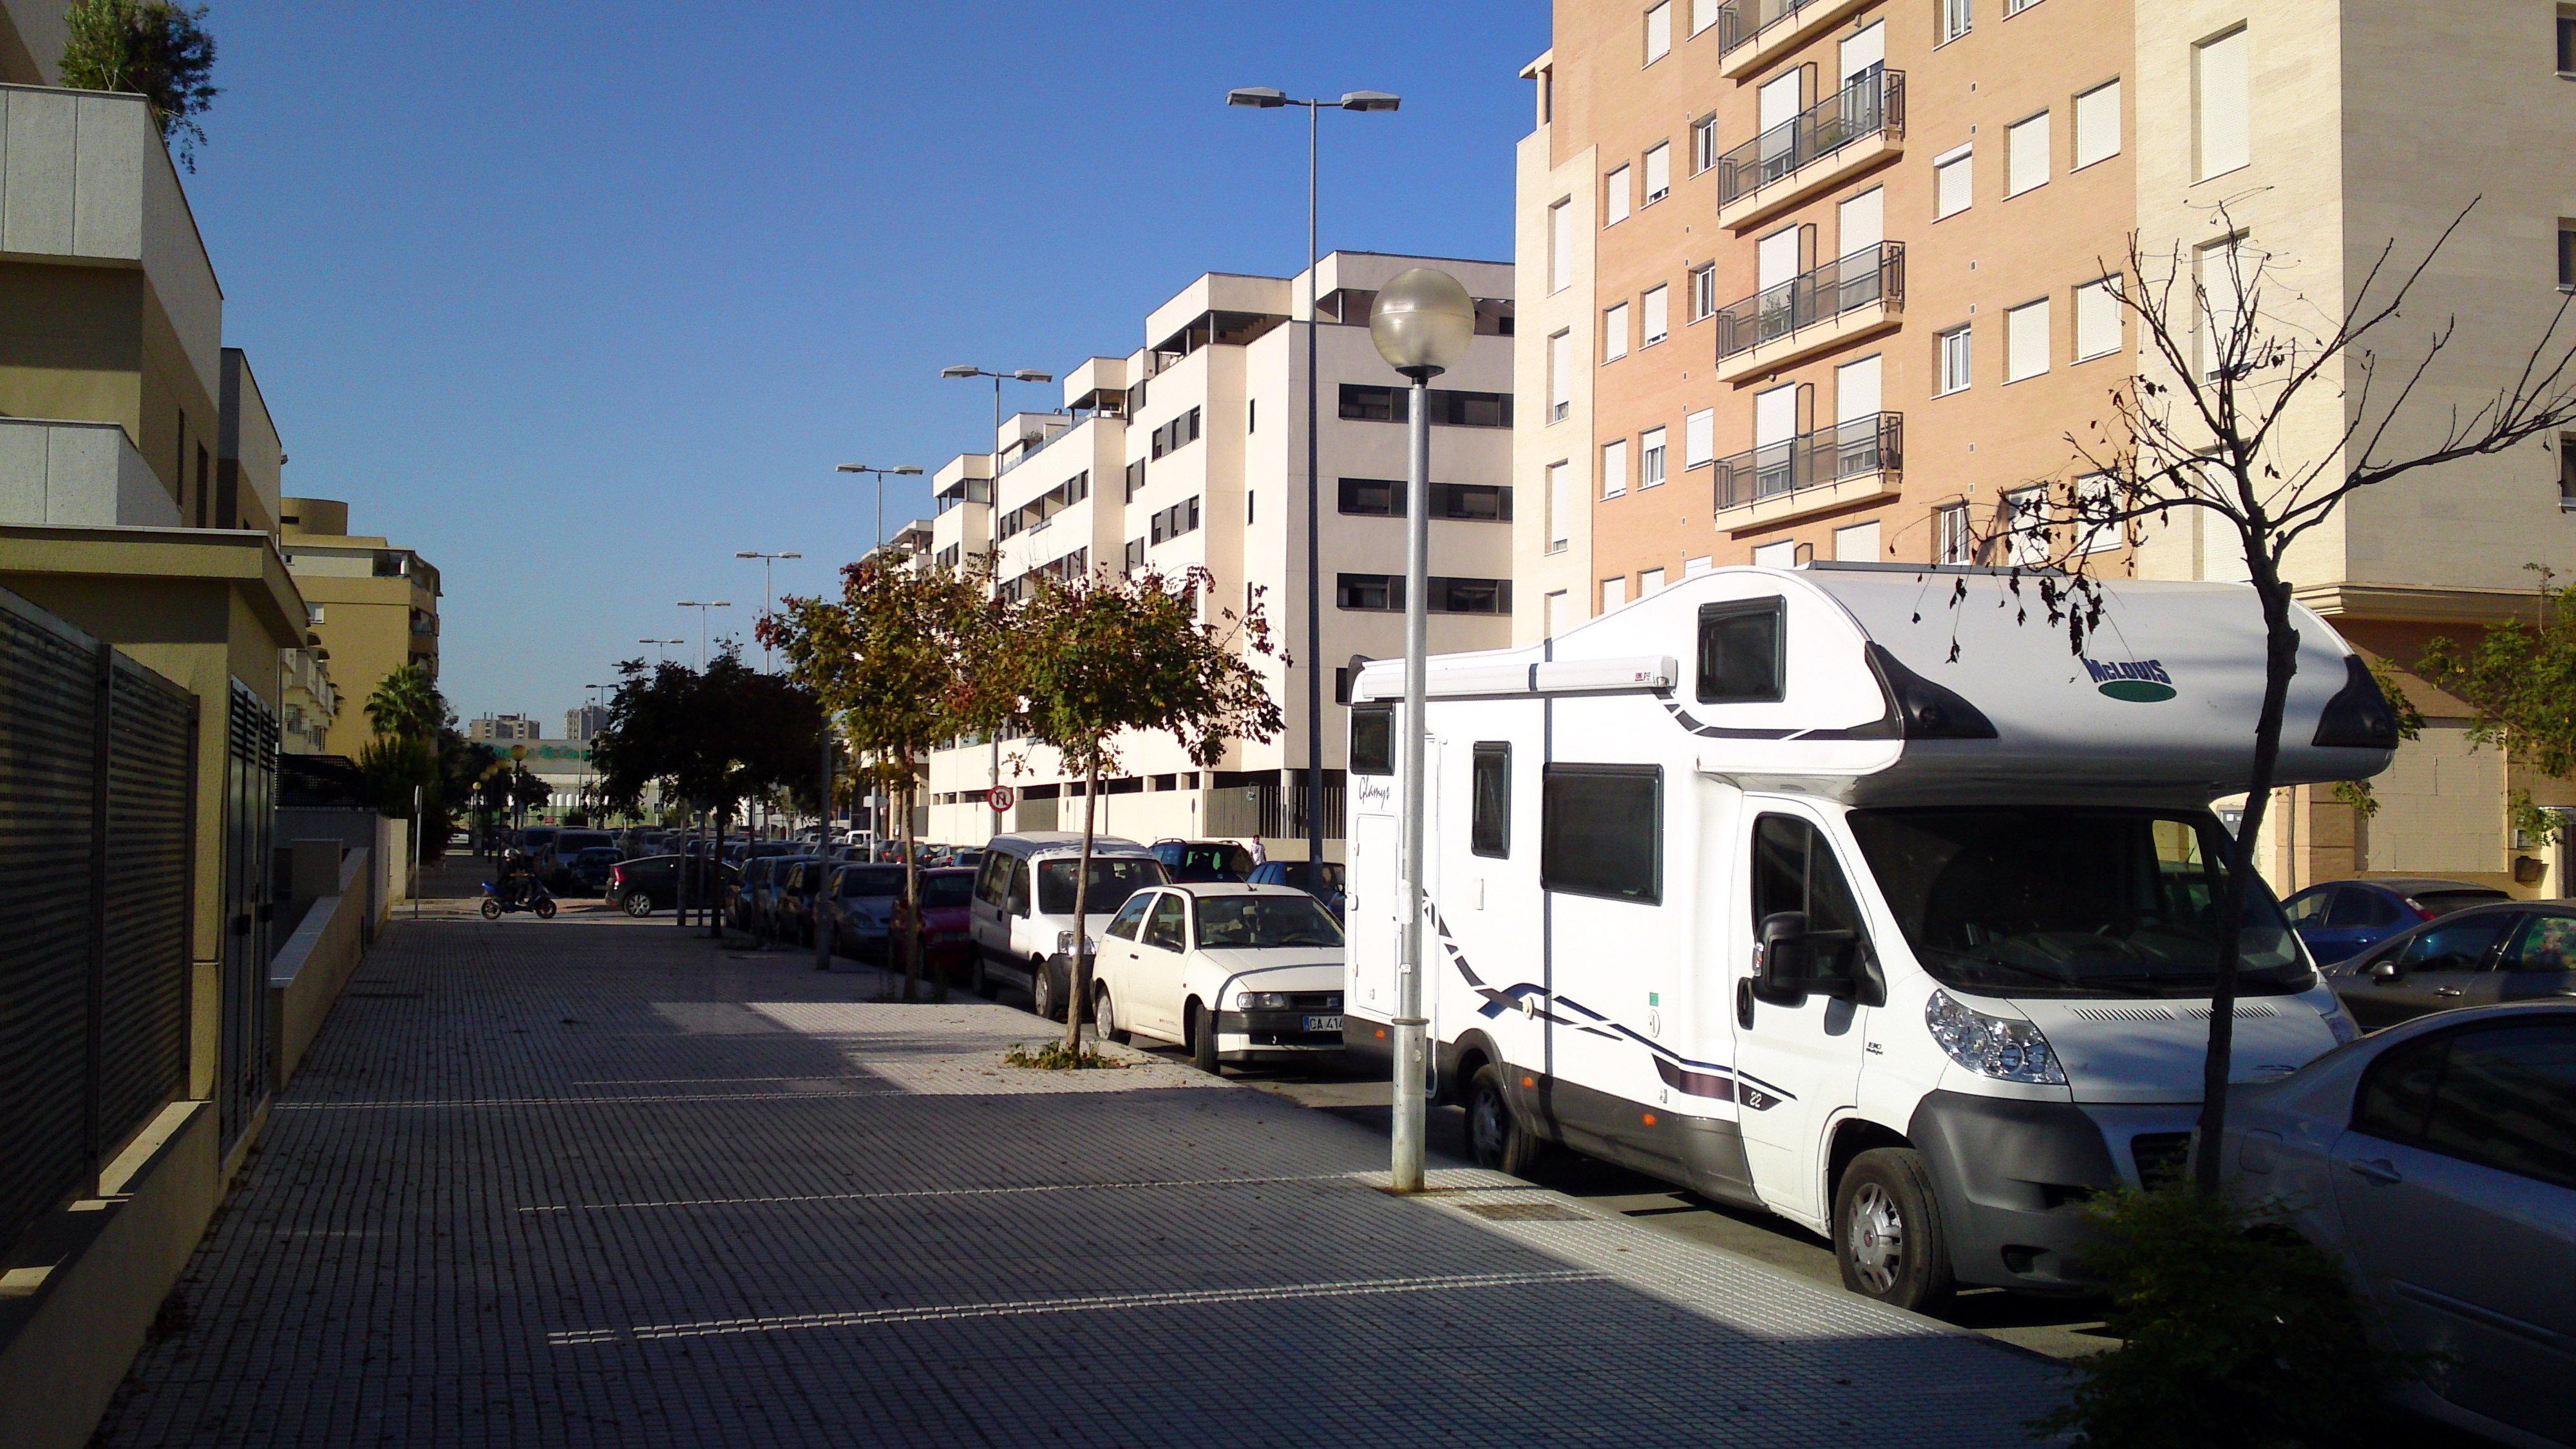 Foto calle rioja jerez c diz espa a for Calle prado jerez madrid